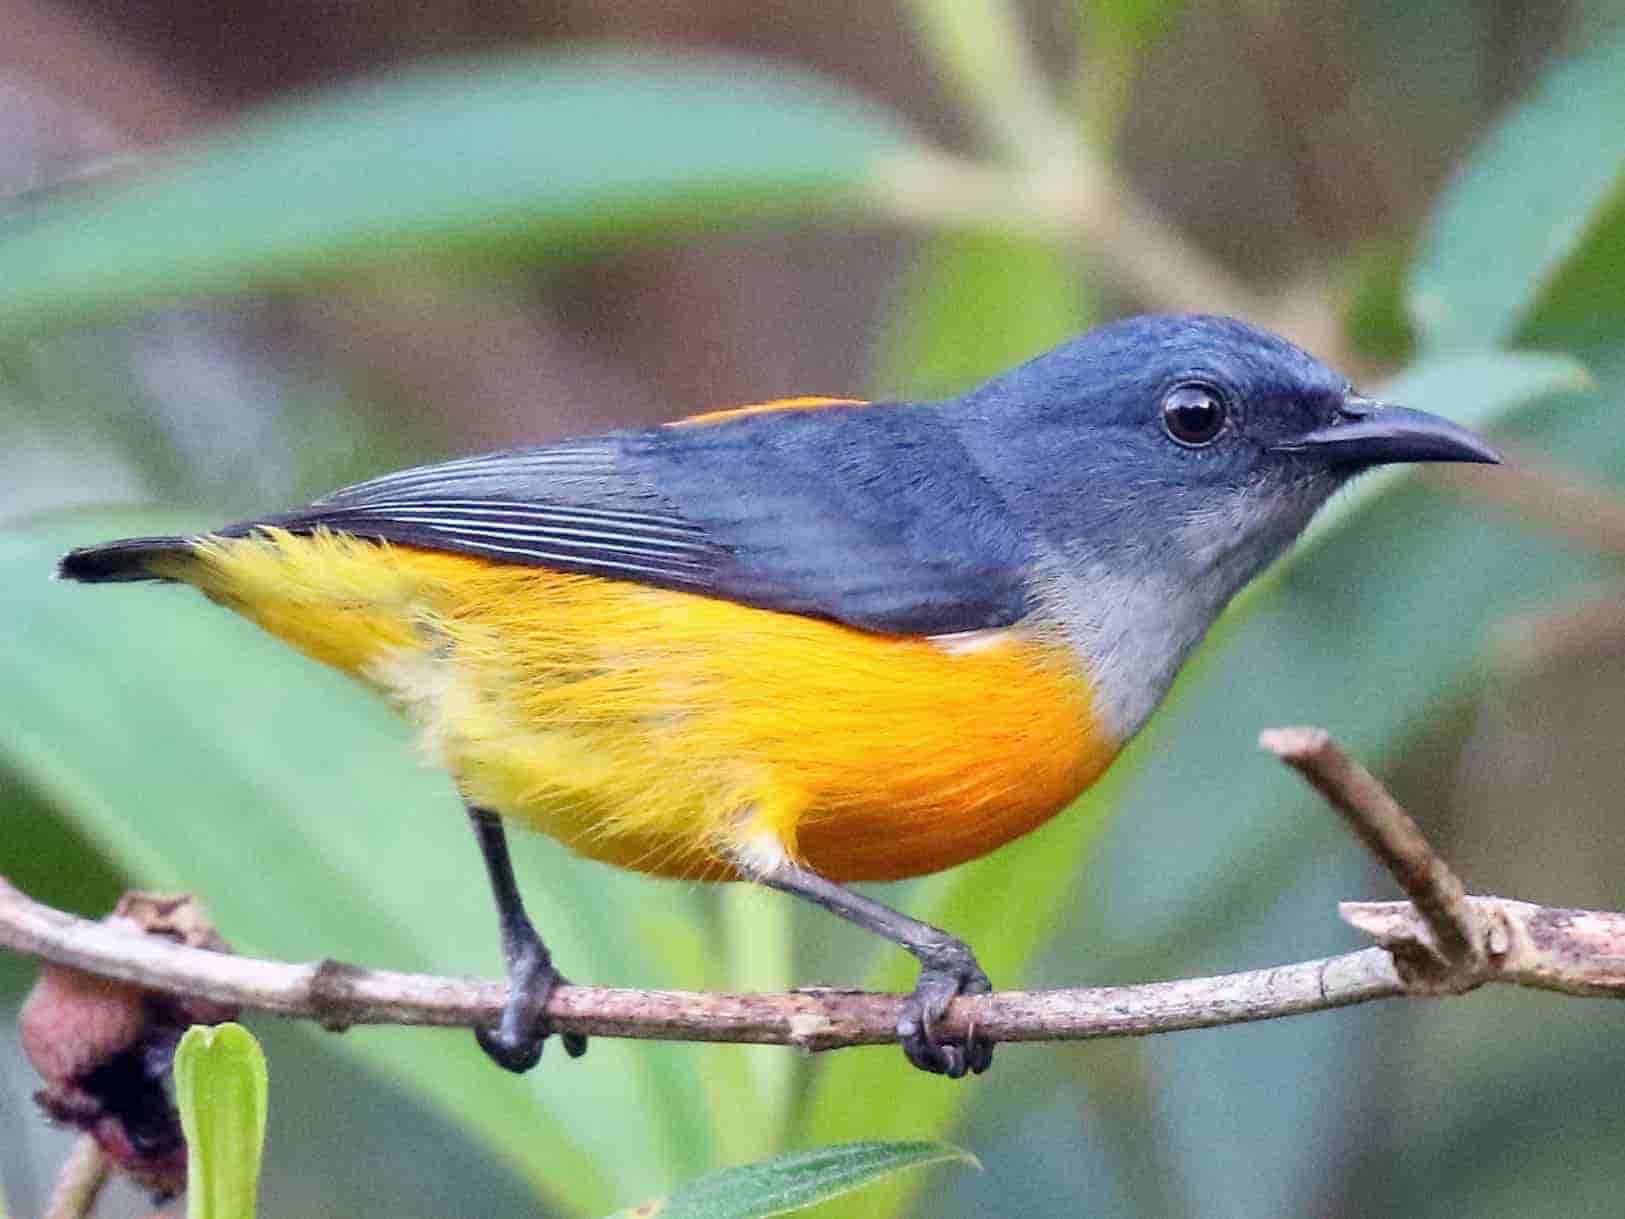 เคล็ดลับดูแล นกกาฝากท้องสีส้ม ป่าสำหรับมือใหม่